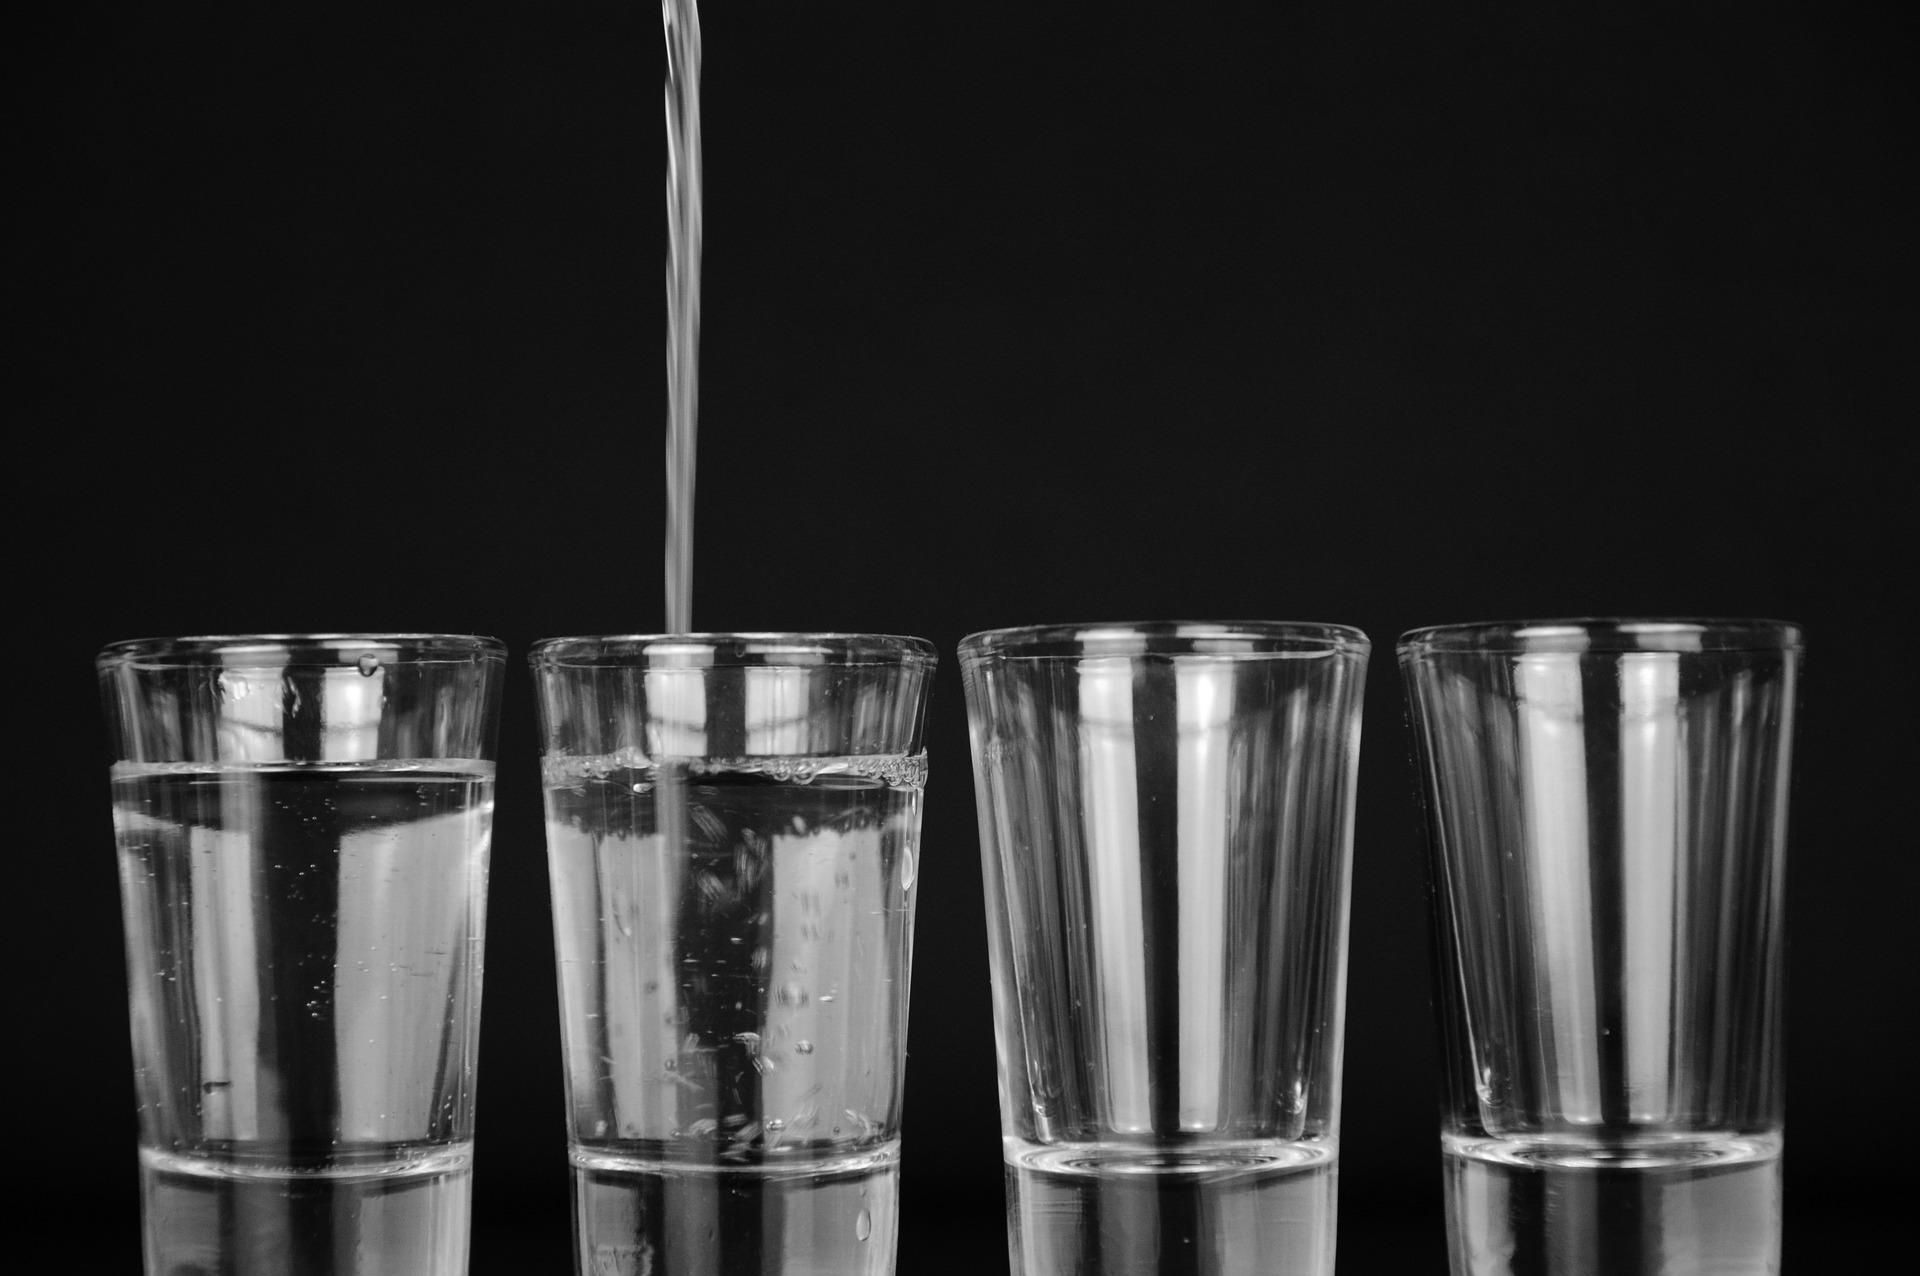 Tonic Water pur schmeckt nur den wenigsten - im Gin Tonic sieht das anders aus.